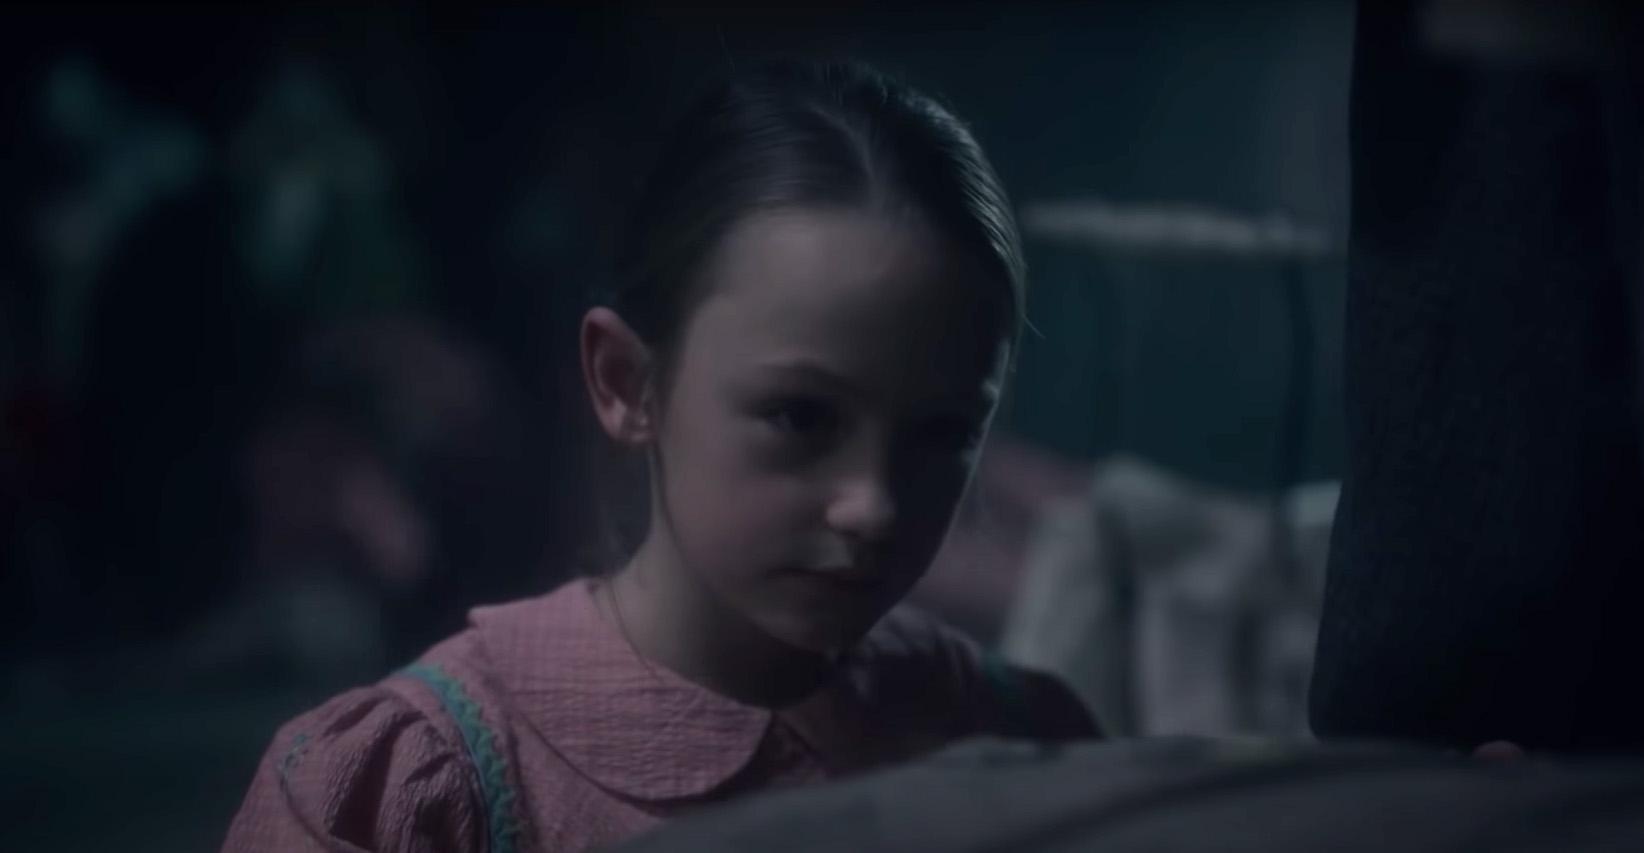 ¡Agárrense! Checa el primer teaser de 'The Haunting of Bly Manor', la secuela de 'Hill House'